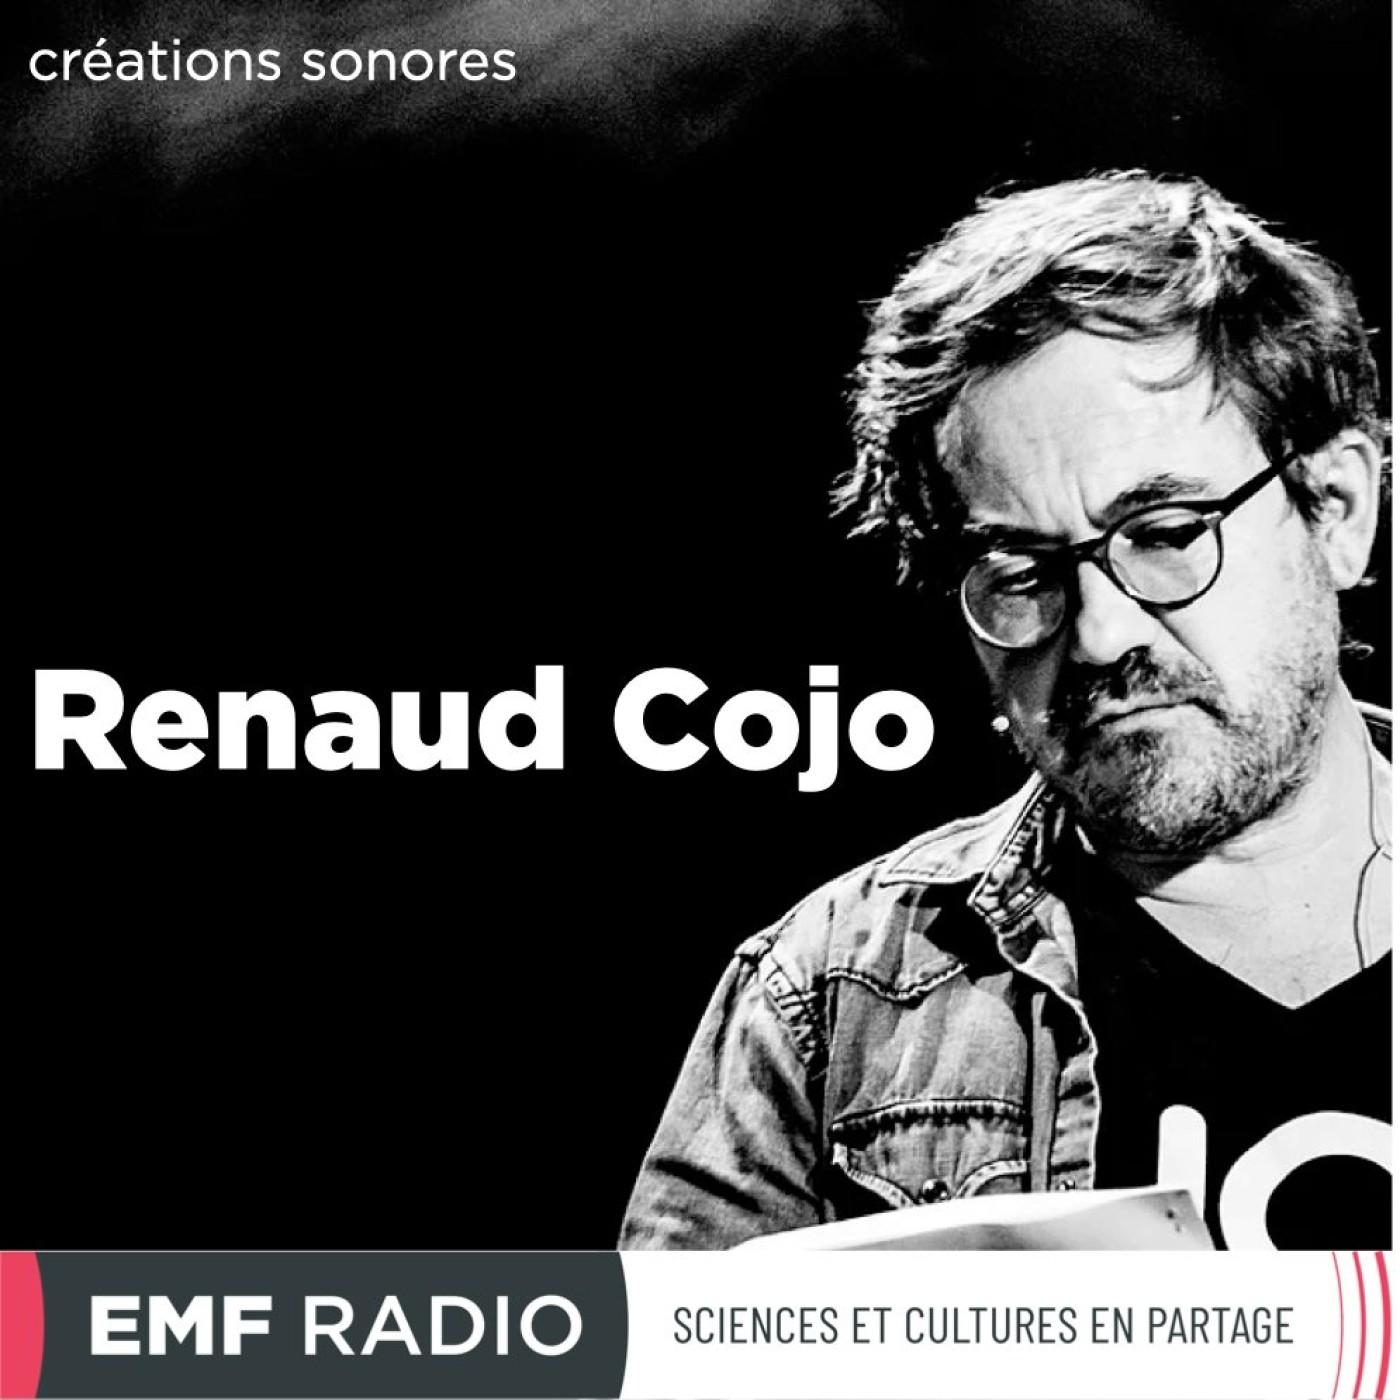 Renaud Cojo